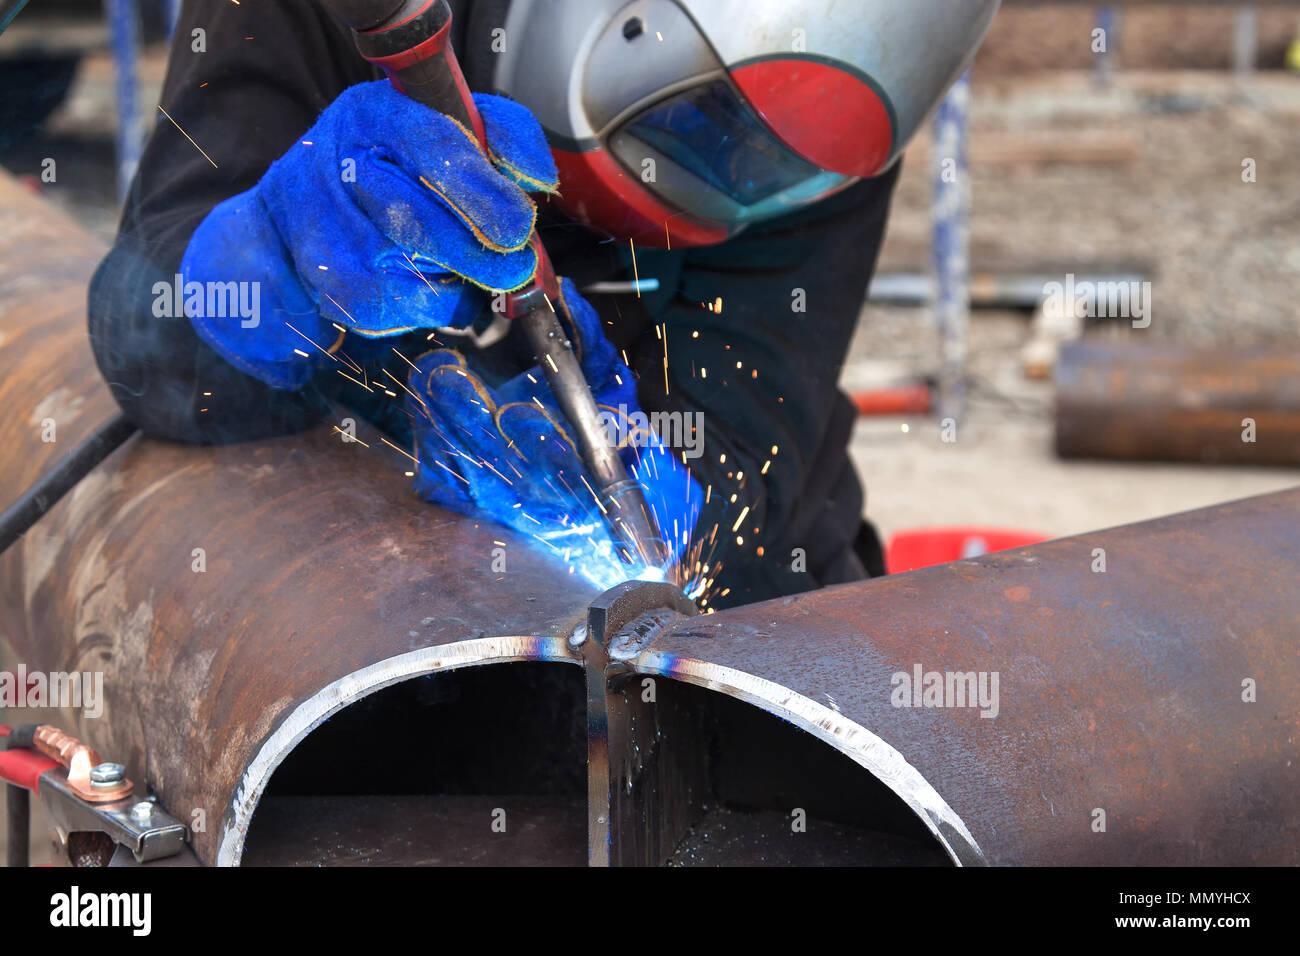 Trabalhos de soldadura, soldador soldar material metálico na indústria pesada fabricação, clipe de vídeo Imagens de Stock